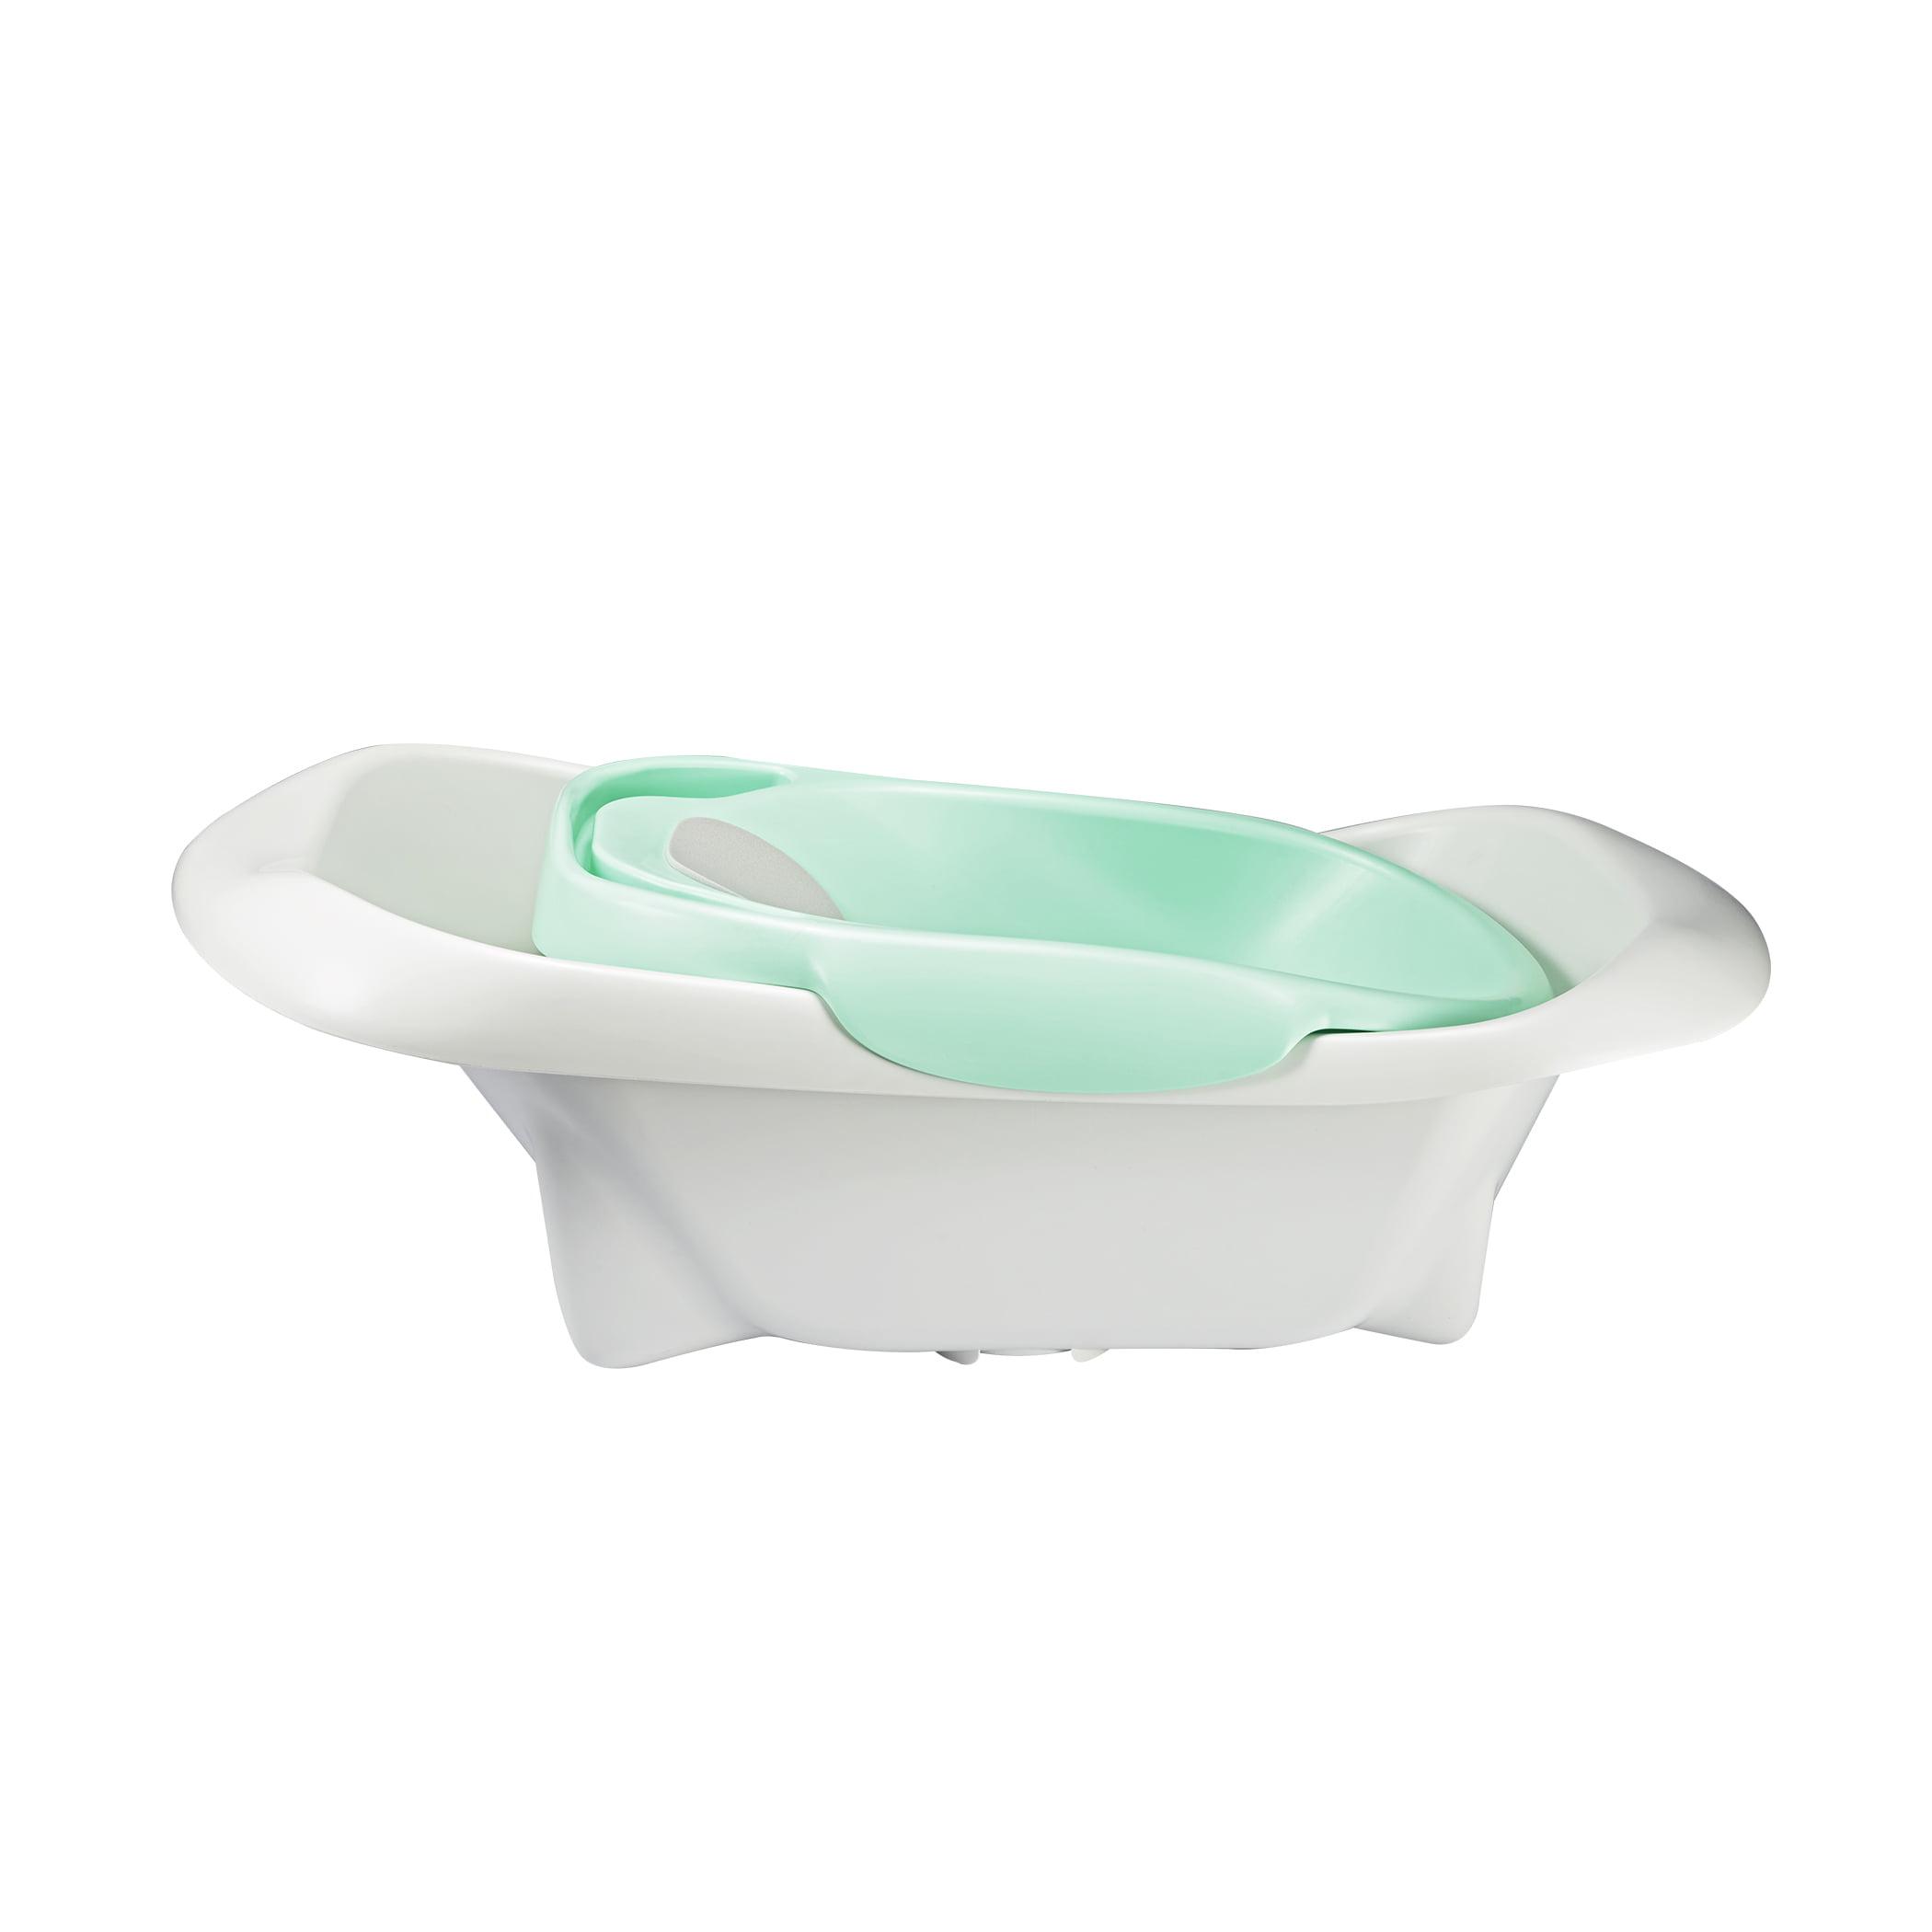 Old Fashioned Center Drain Tub Crest Custom Bathtubs